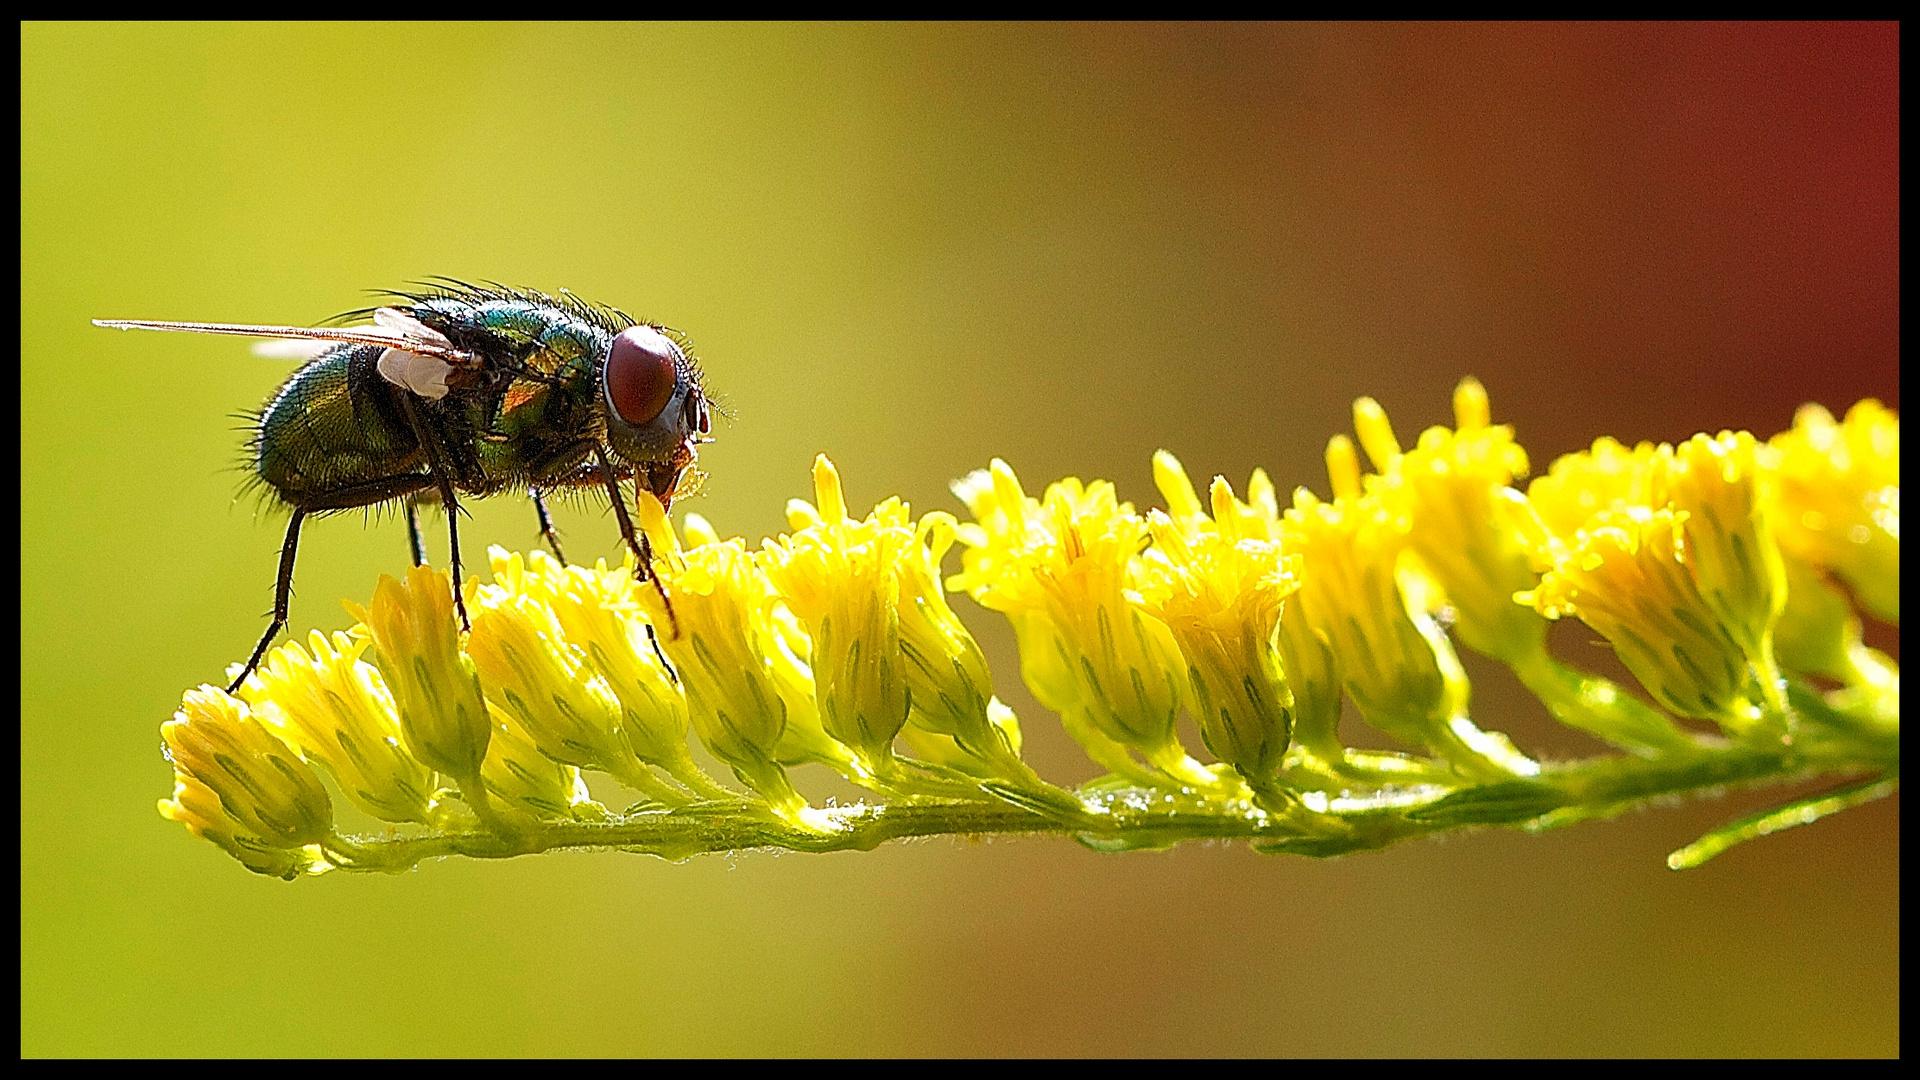 Fliege im Licht